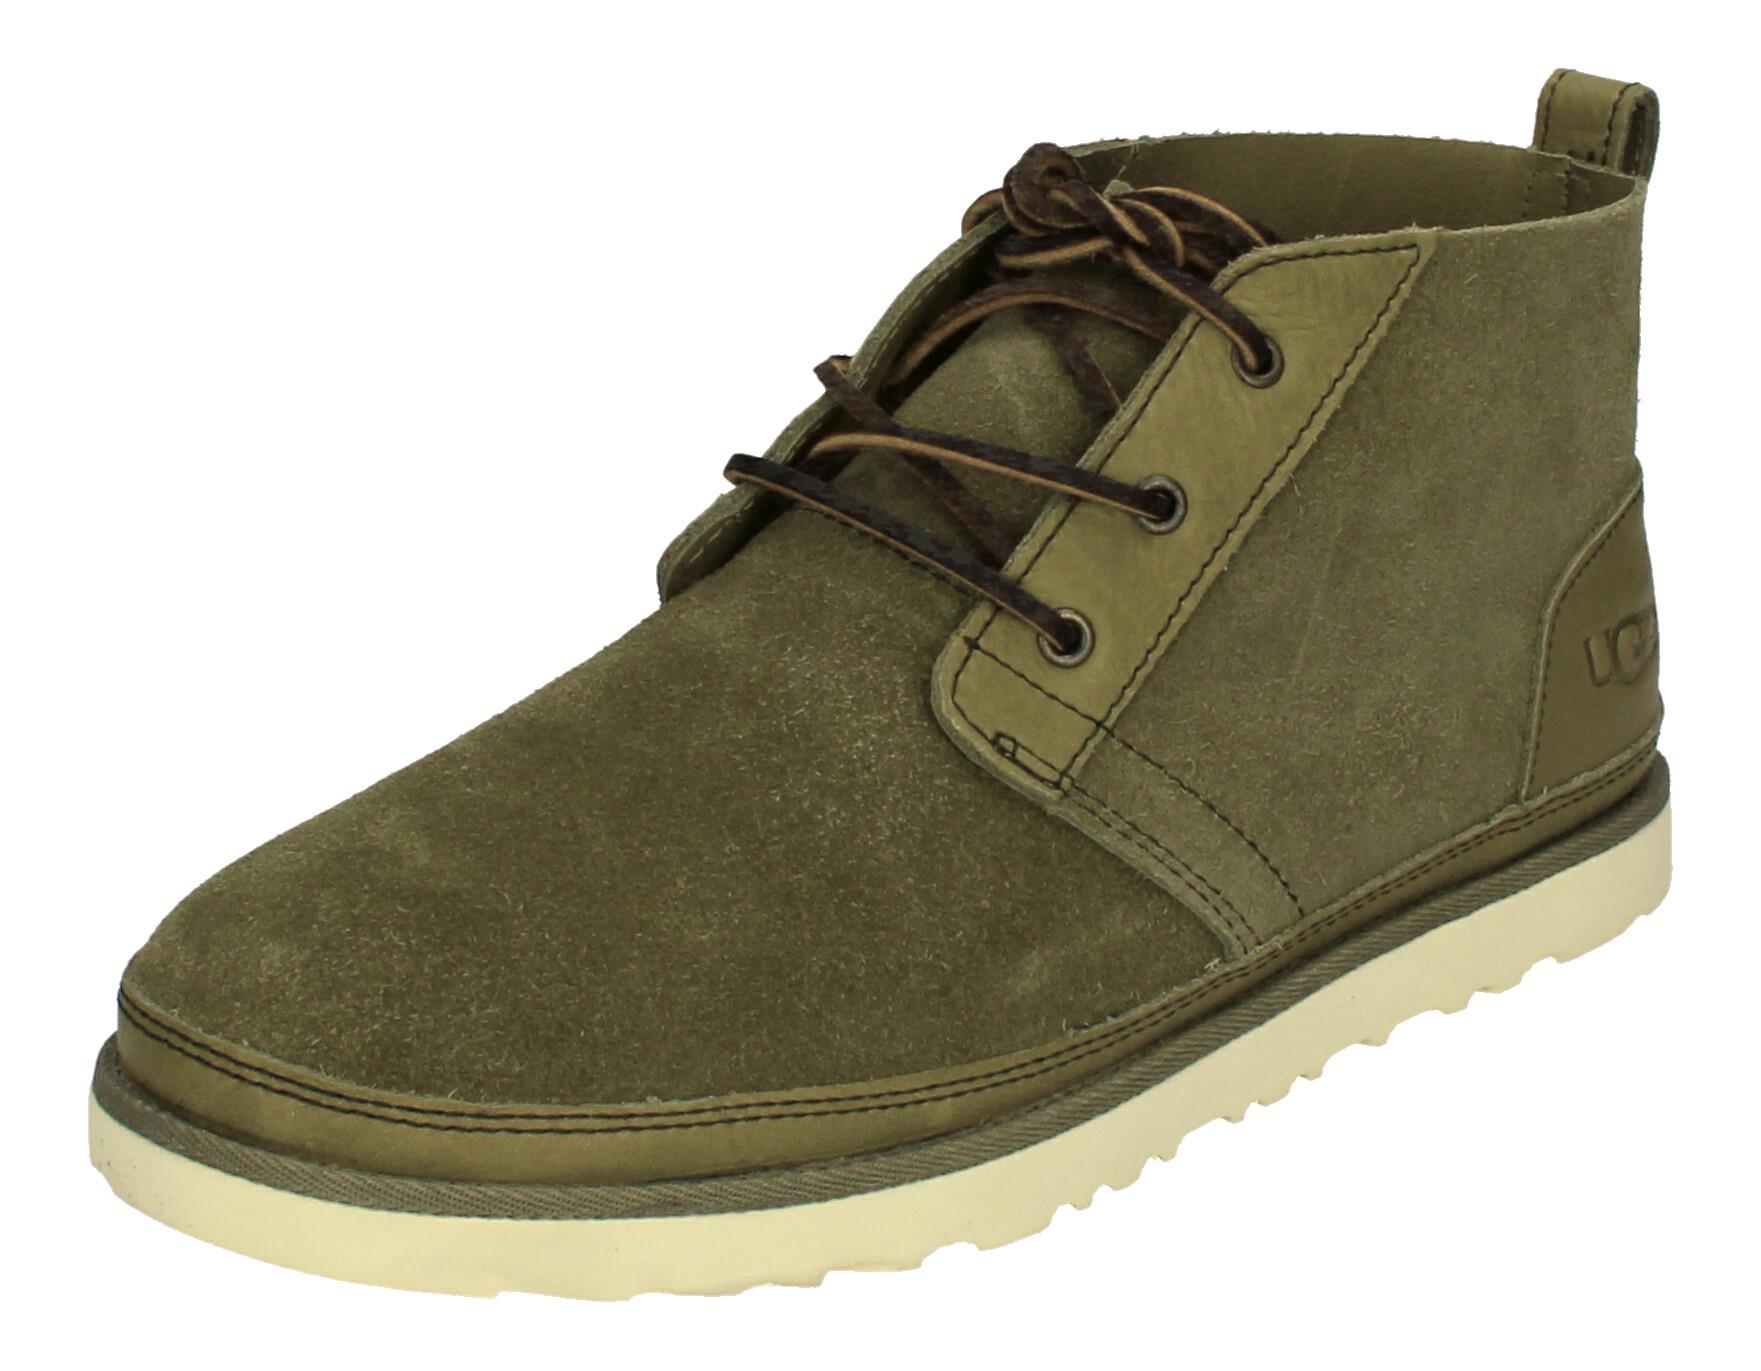 UGG Herrenschuhe - Boots NEUMEL UNLINED - moss green_1